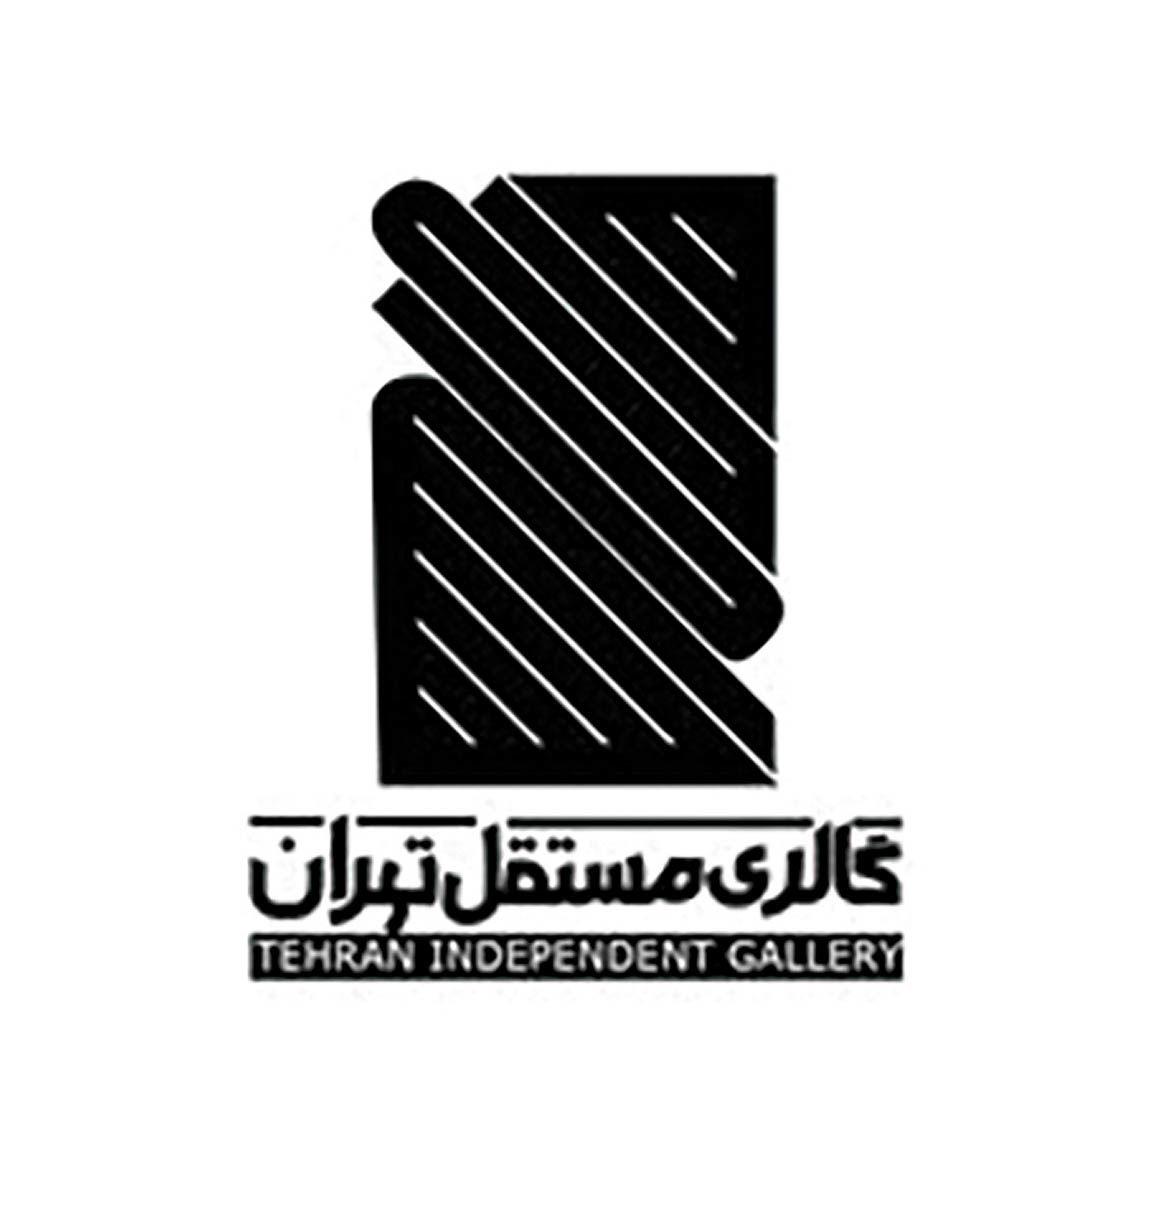 نقاشیهای آبستره سمیرا زینتی در گالری مستقل تهران